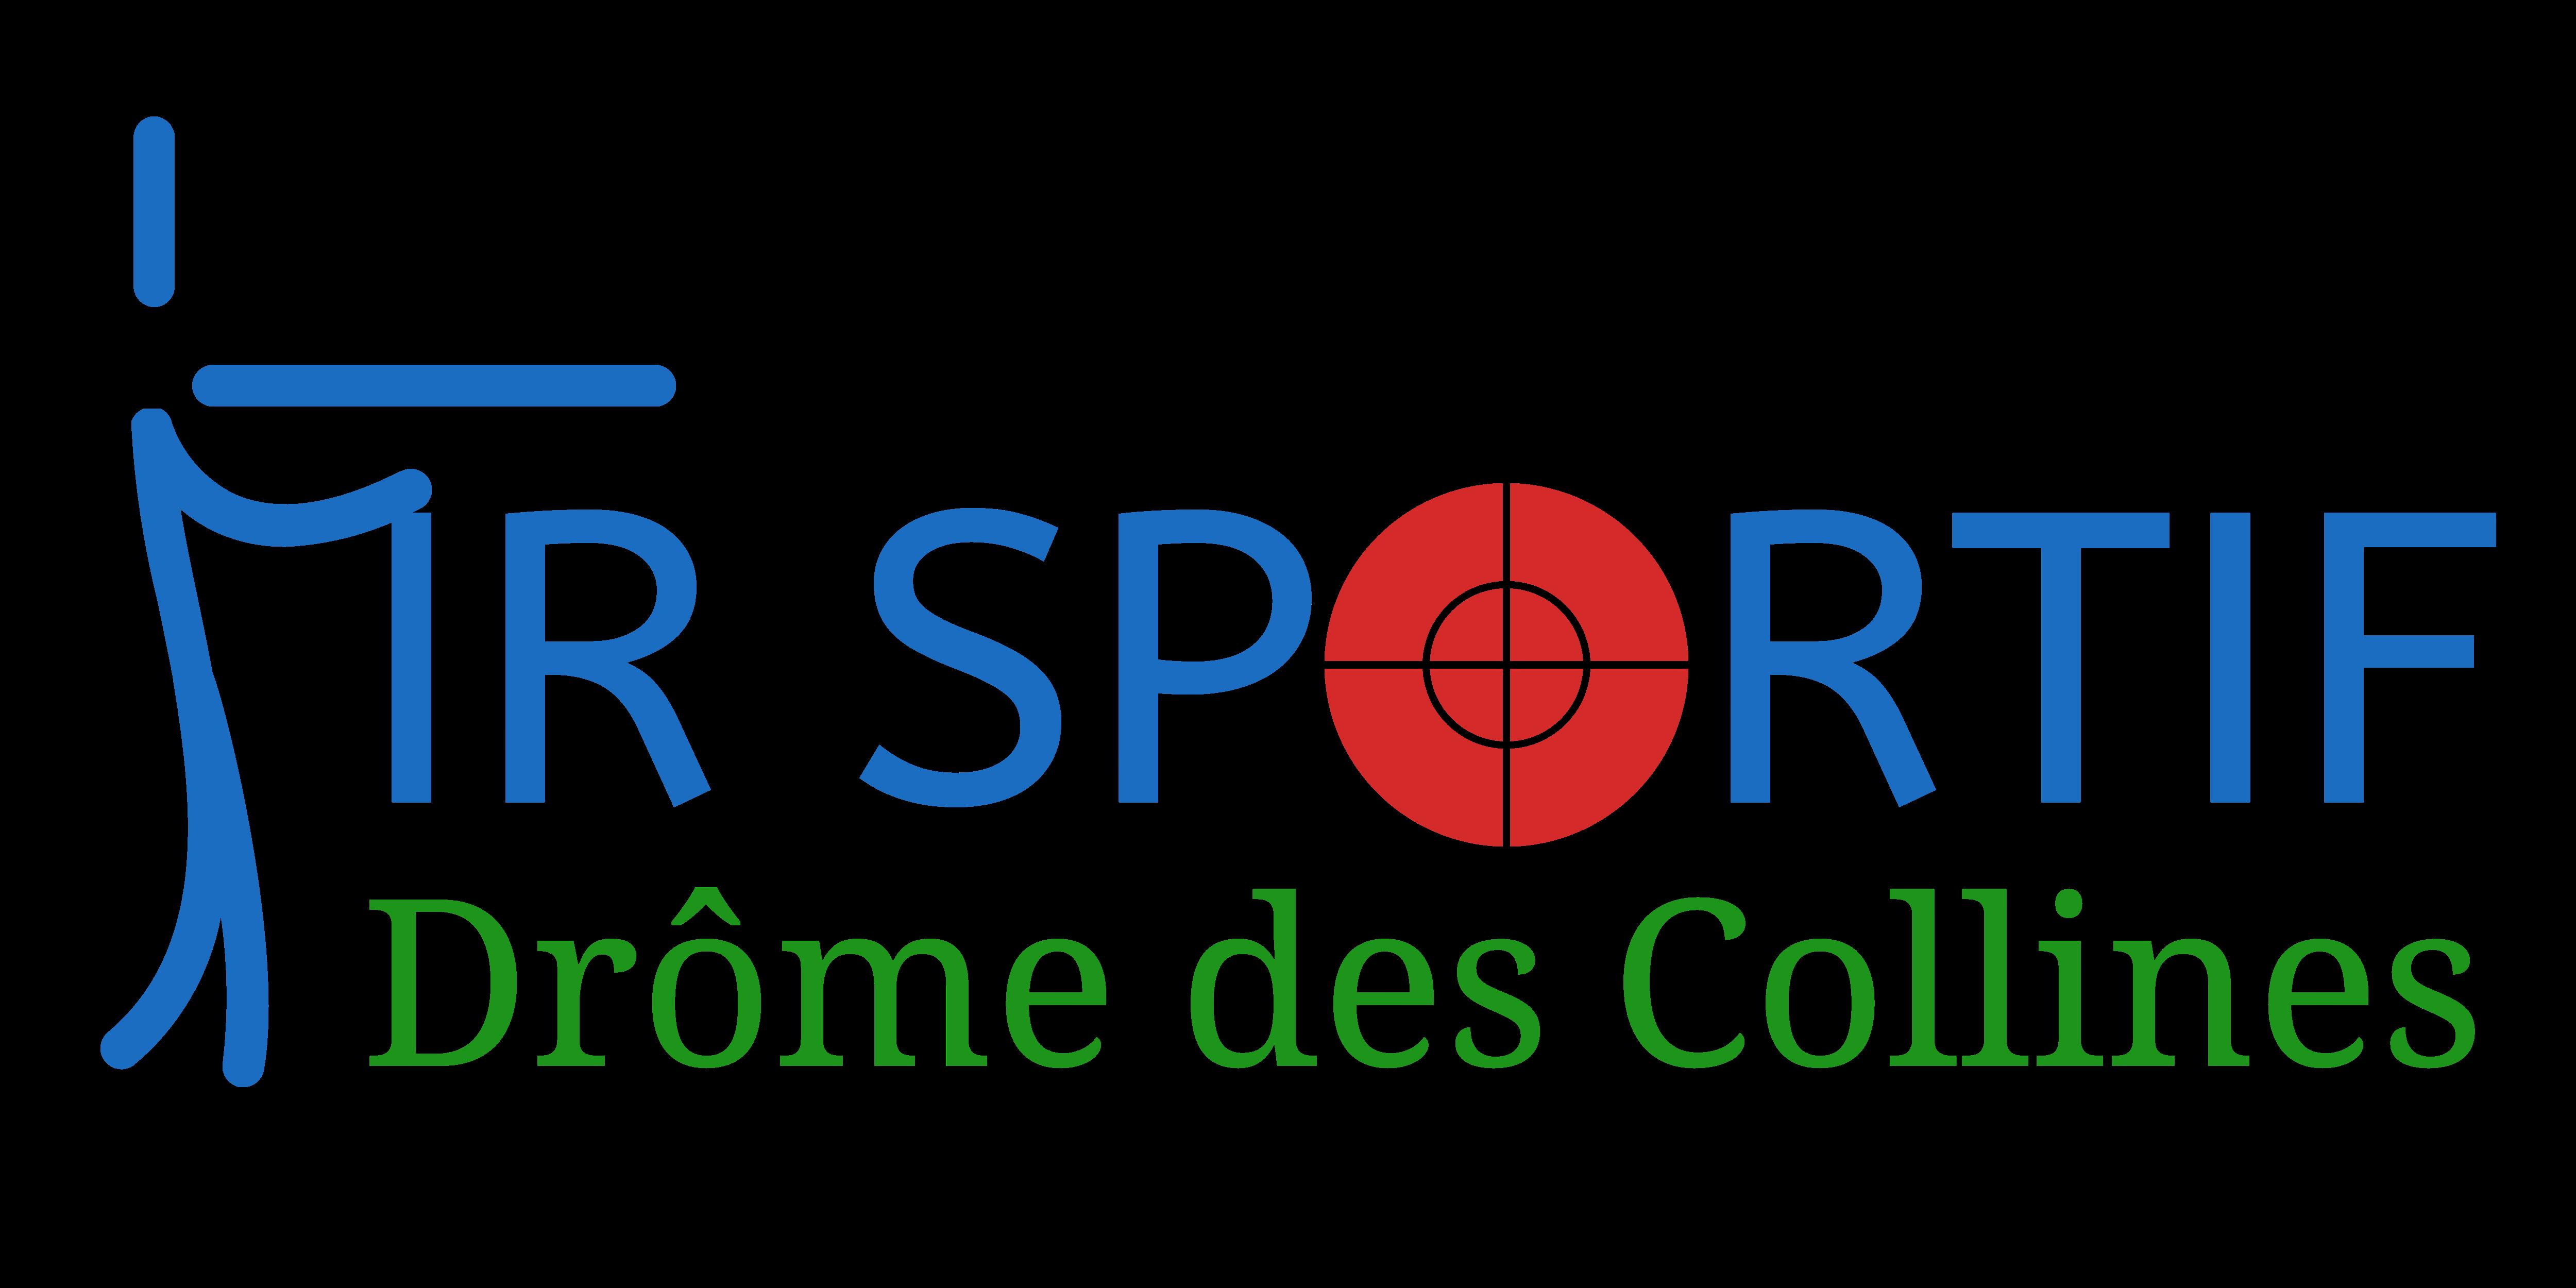 Tir sportif en Drôme